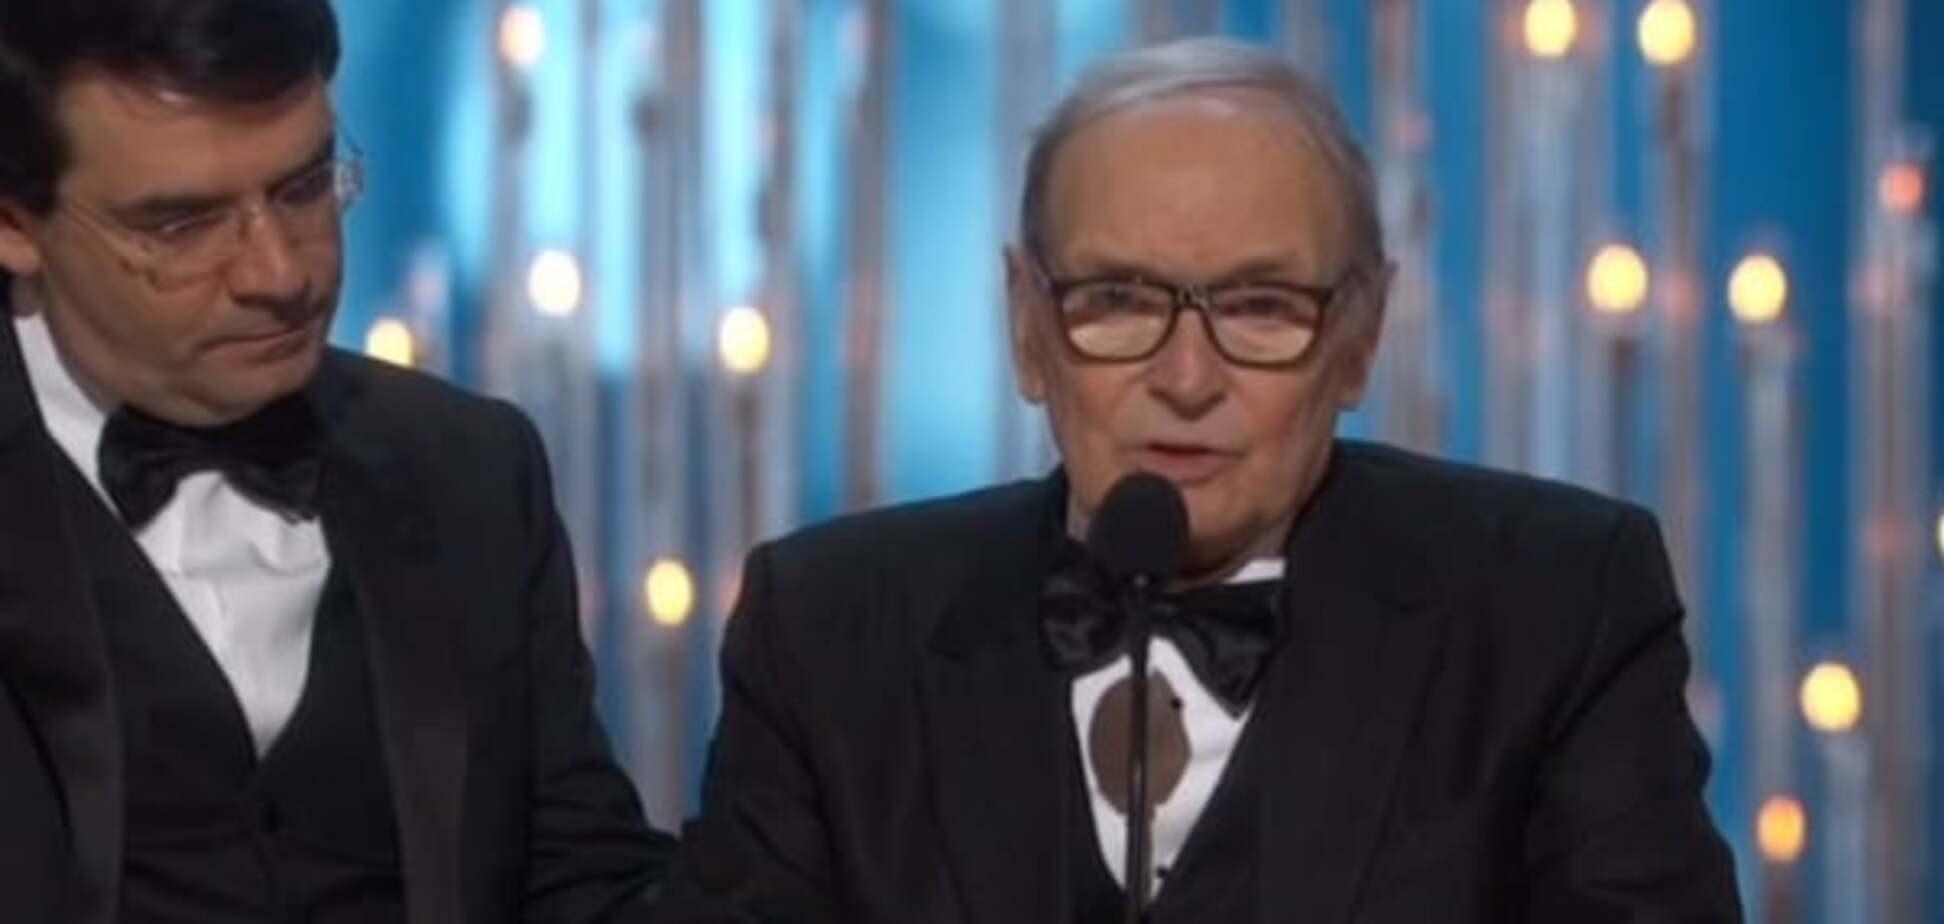 Эннио Морриконе получил 'Оскар' за 'Омерзительную восьмерку'